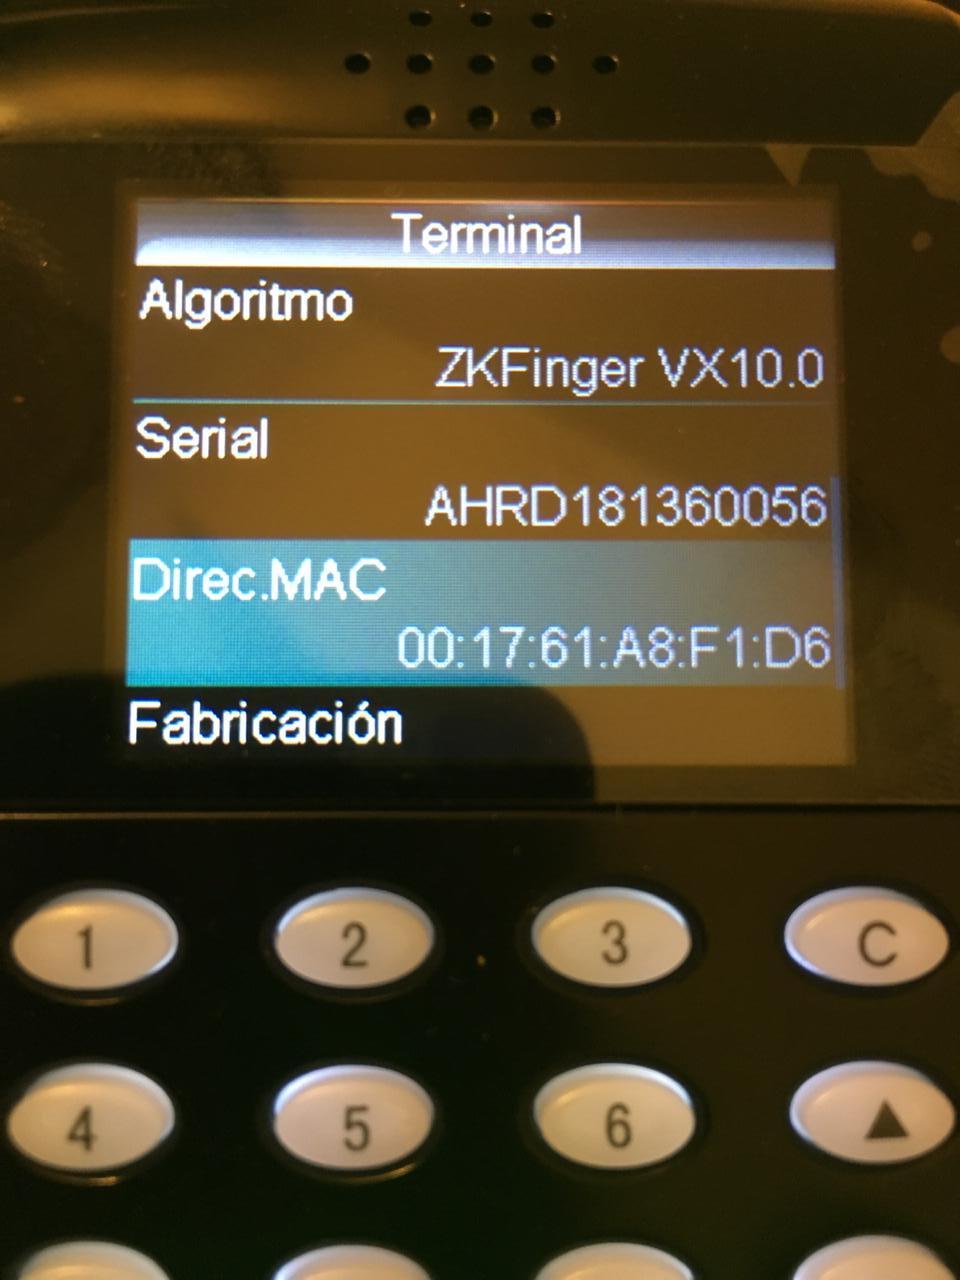 Imposible conectar con el dispositivo - ZKTECO SF200 · Issue #71